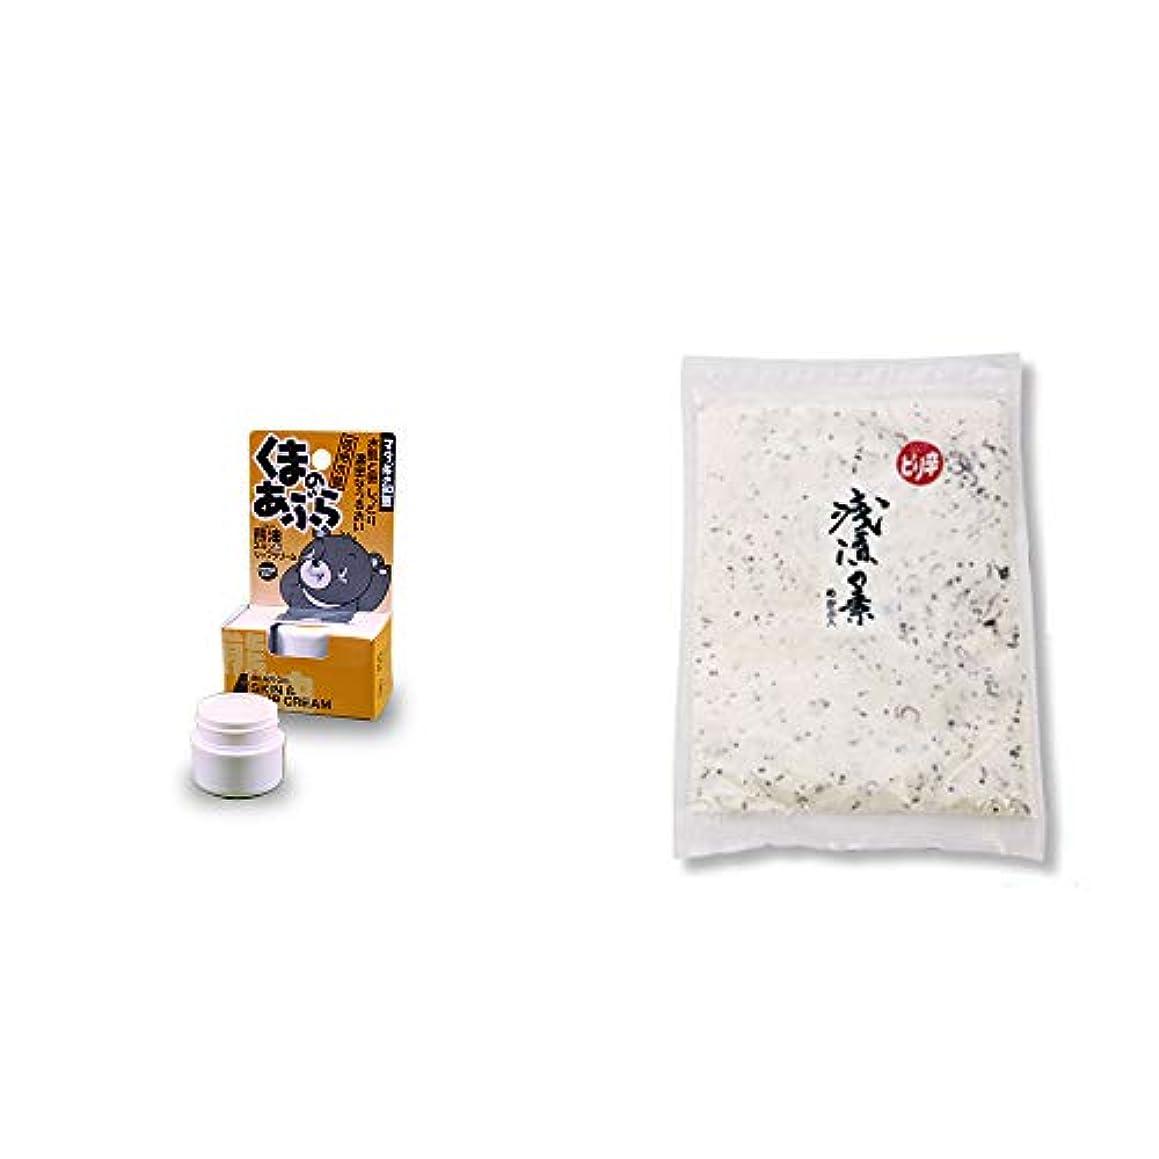 輸血付属品海港[2点セット] 信州木曽 くまのあぶら 熊油スキン&リップクリーム(9g)?浅漬けの素 大 (300g)